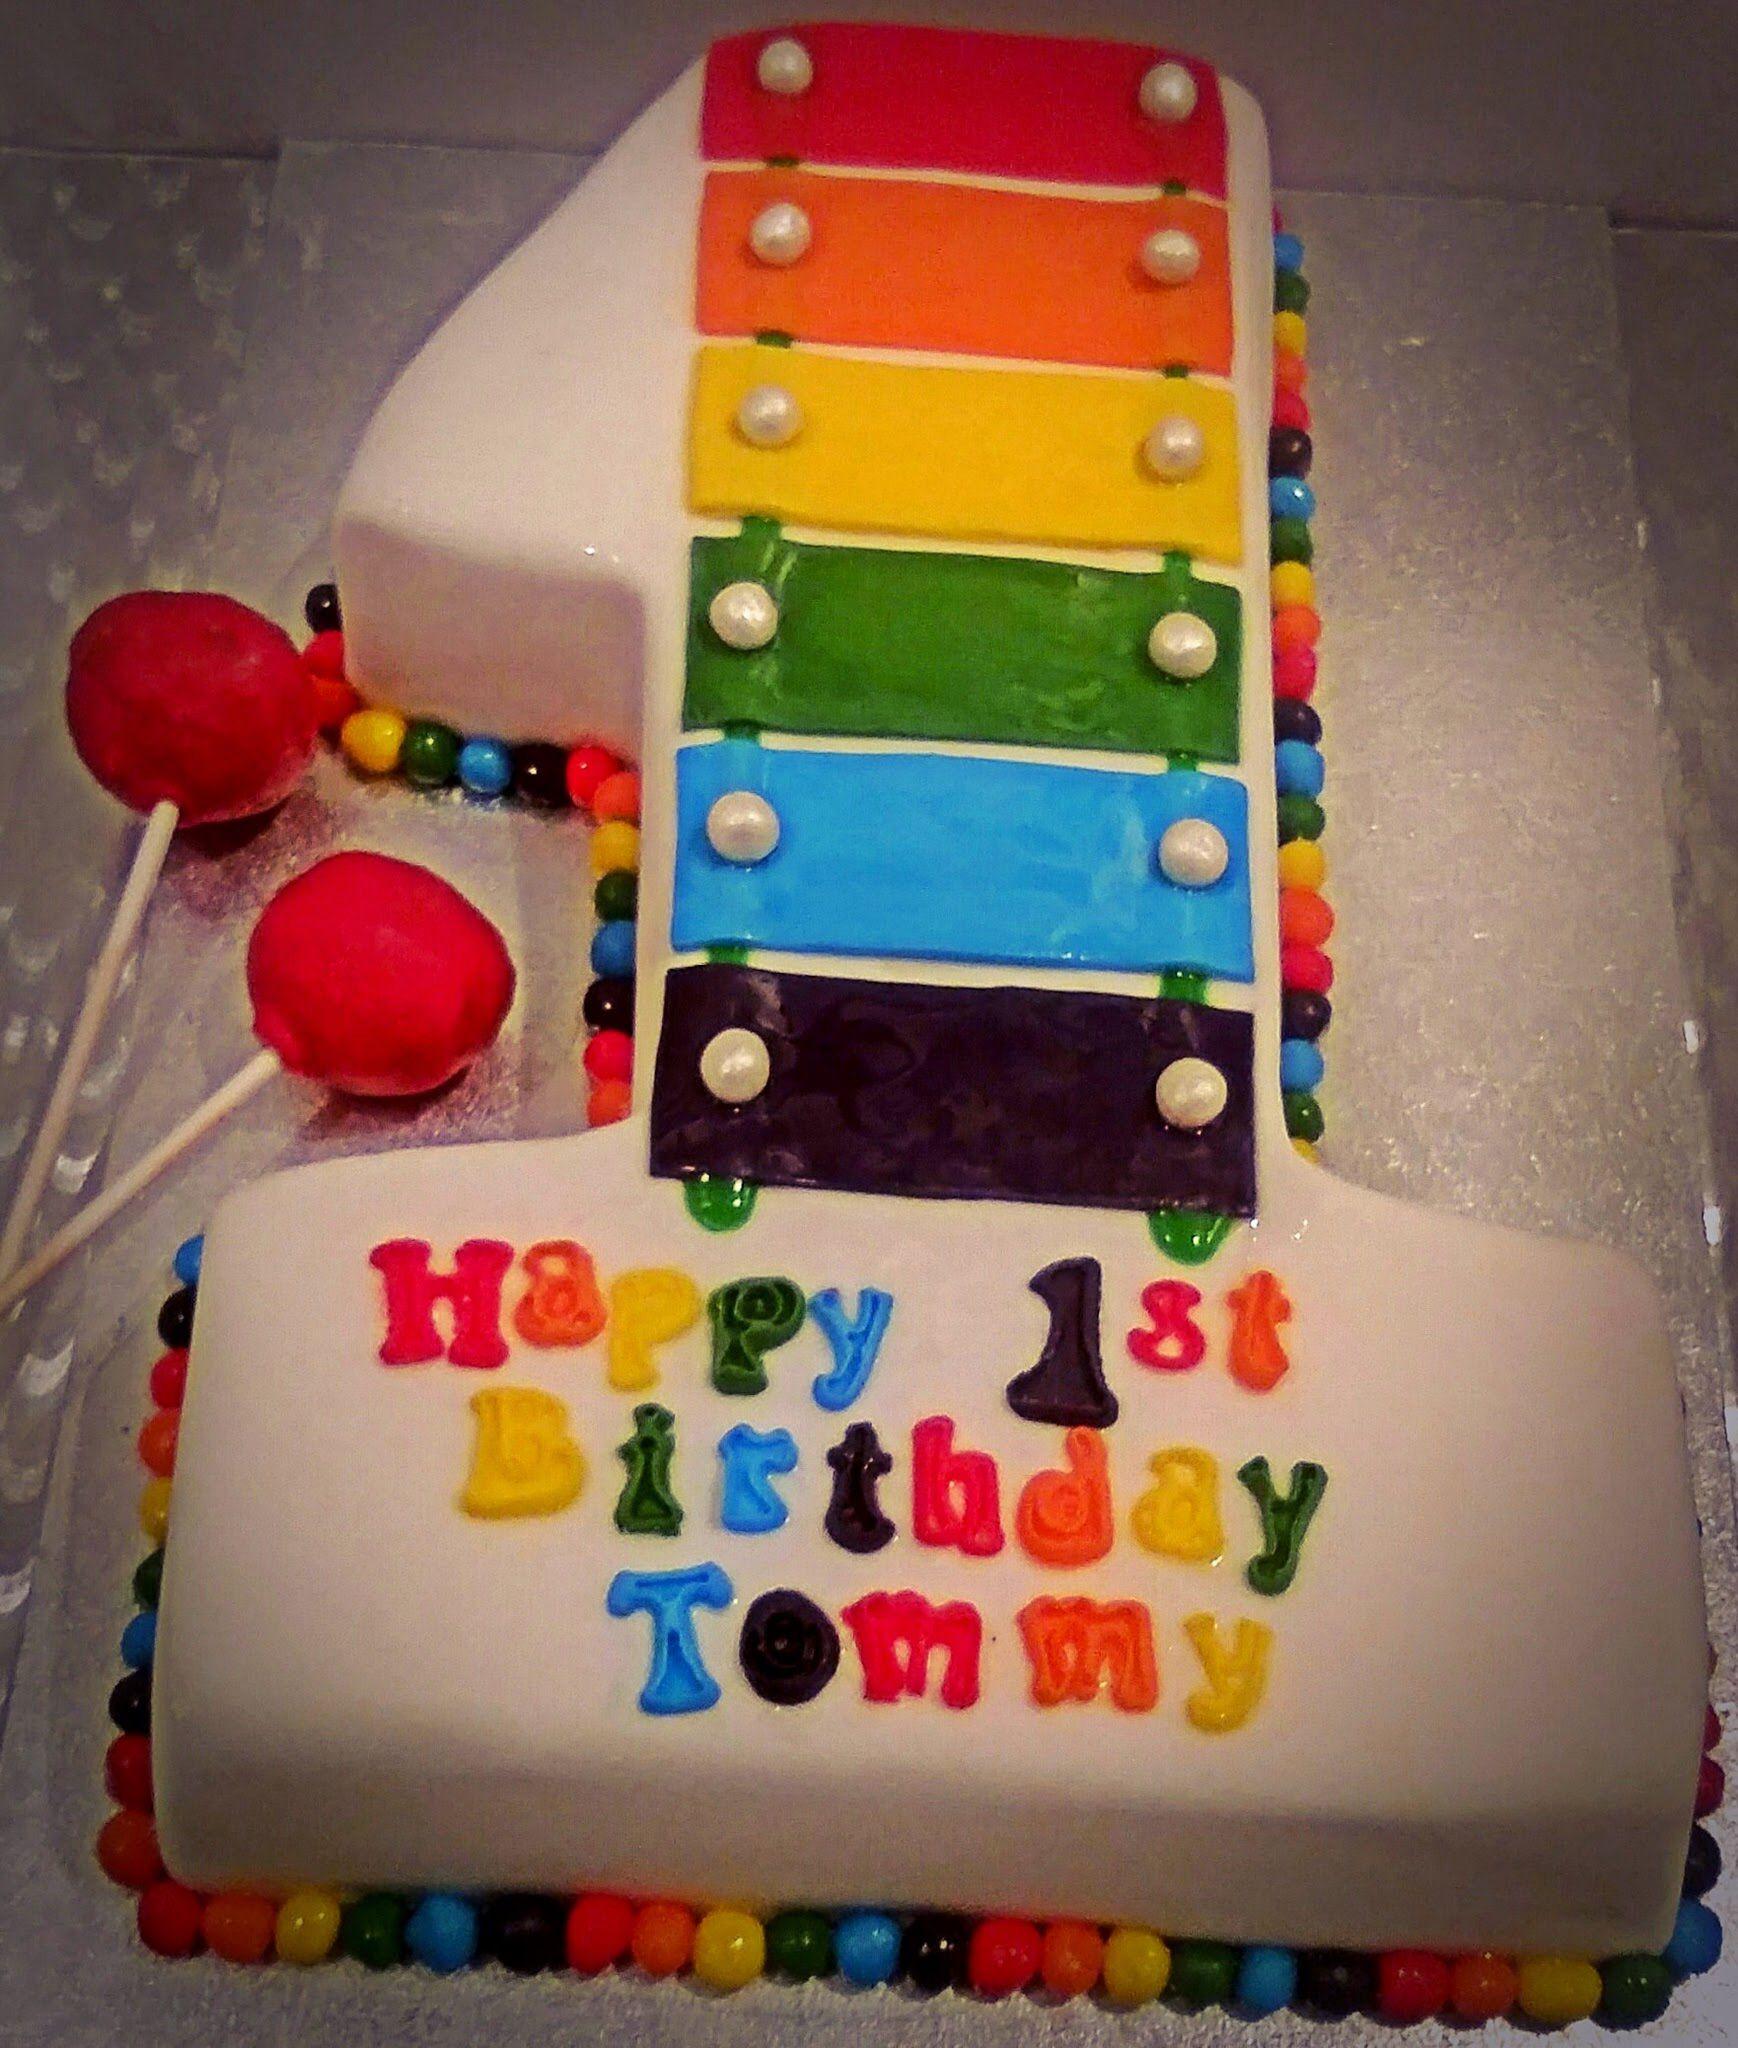 1st Bday Cake Xylophone #1 #victoriasponge